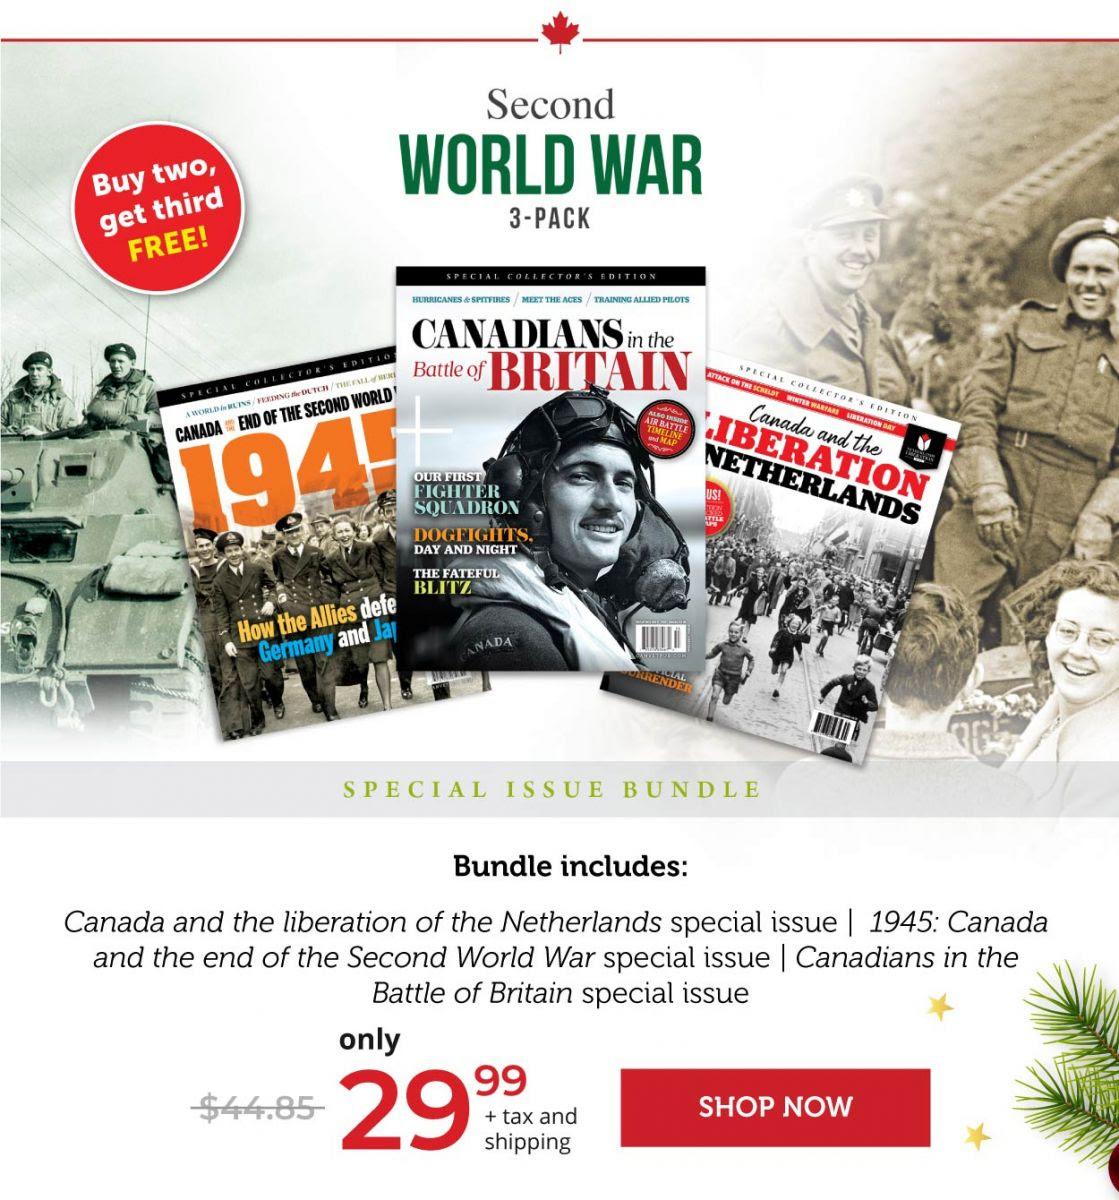 World War 2 3-Pack